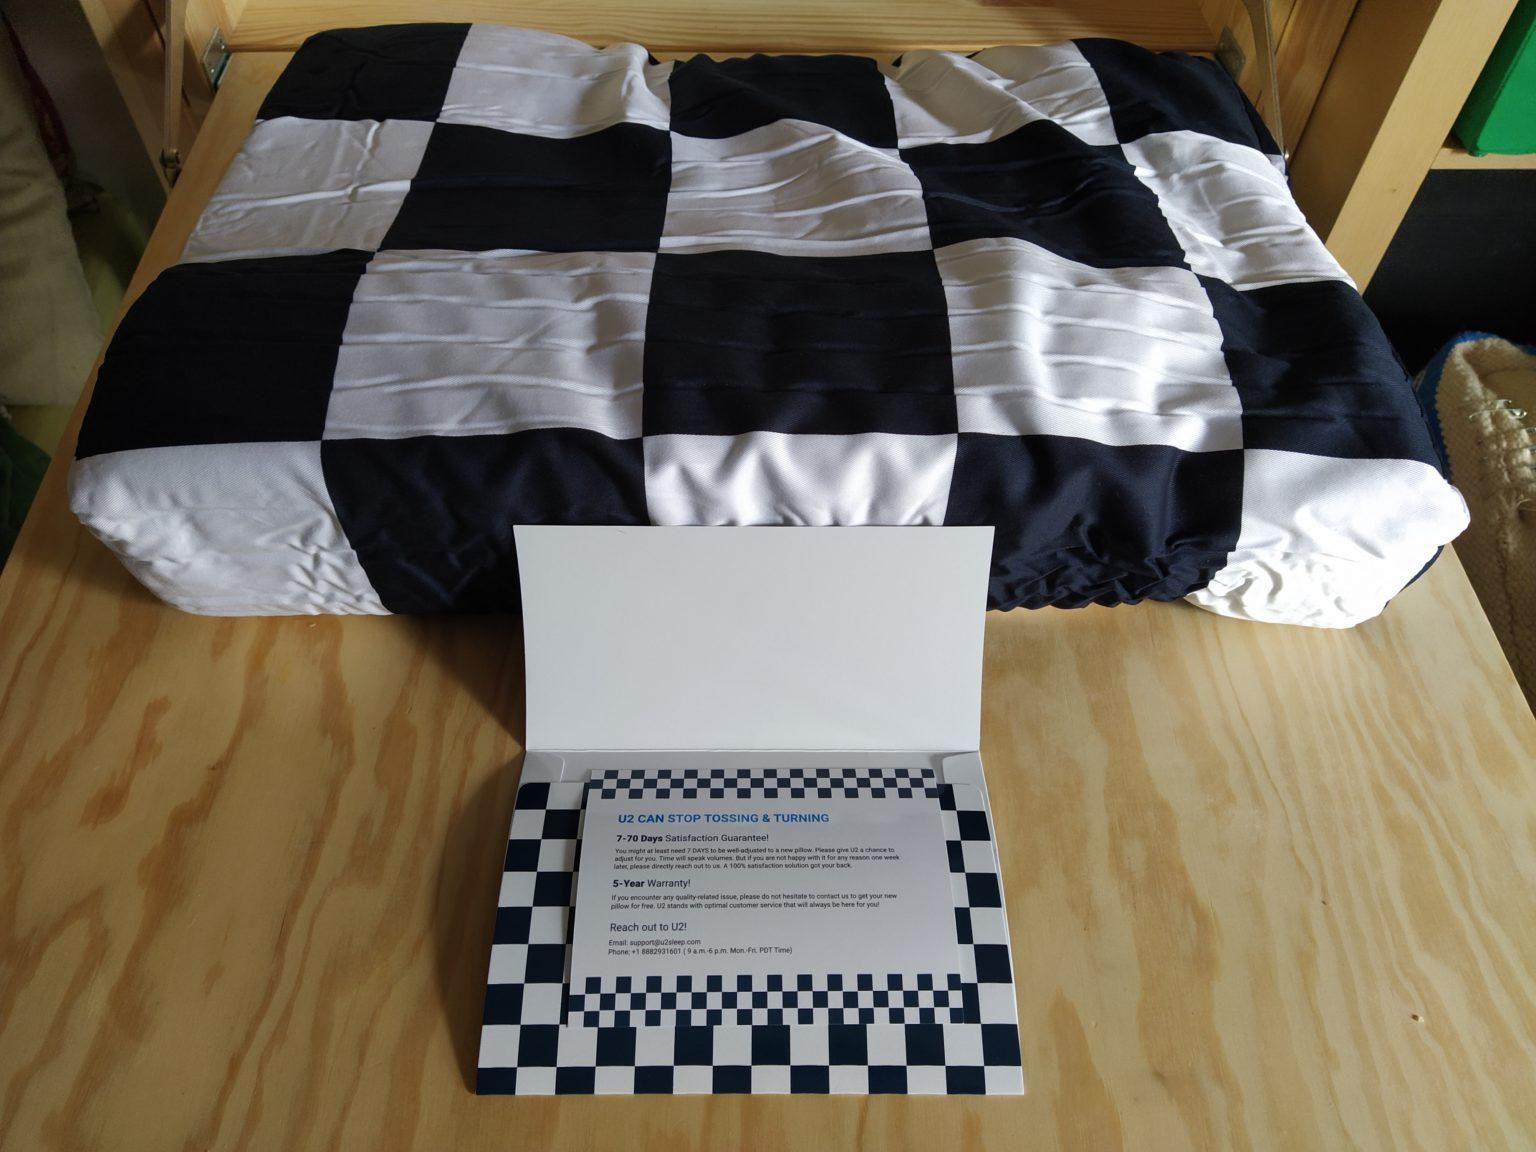 Garantía de la almohada viscoelastica modular de U2